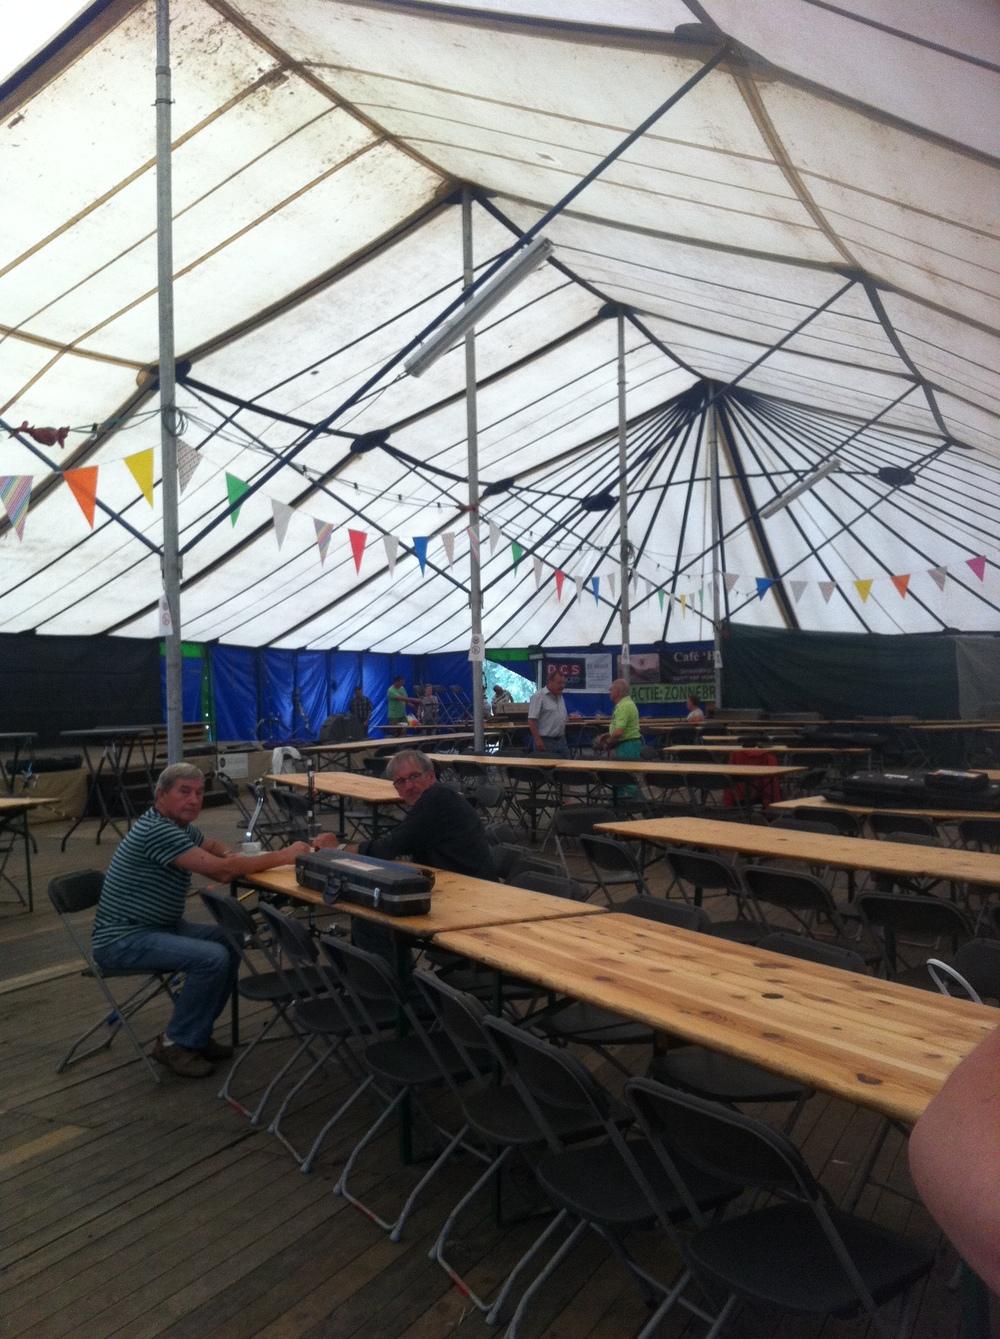 Molenhoek kermis beer tent (and rider registration)